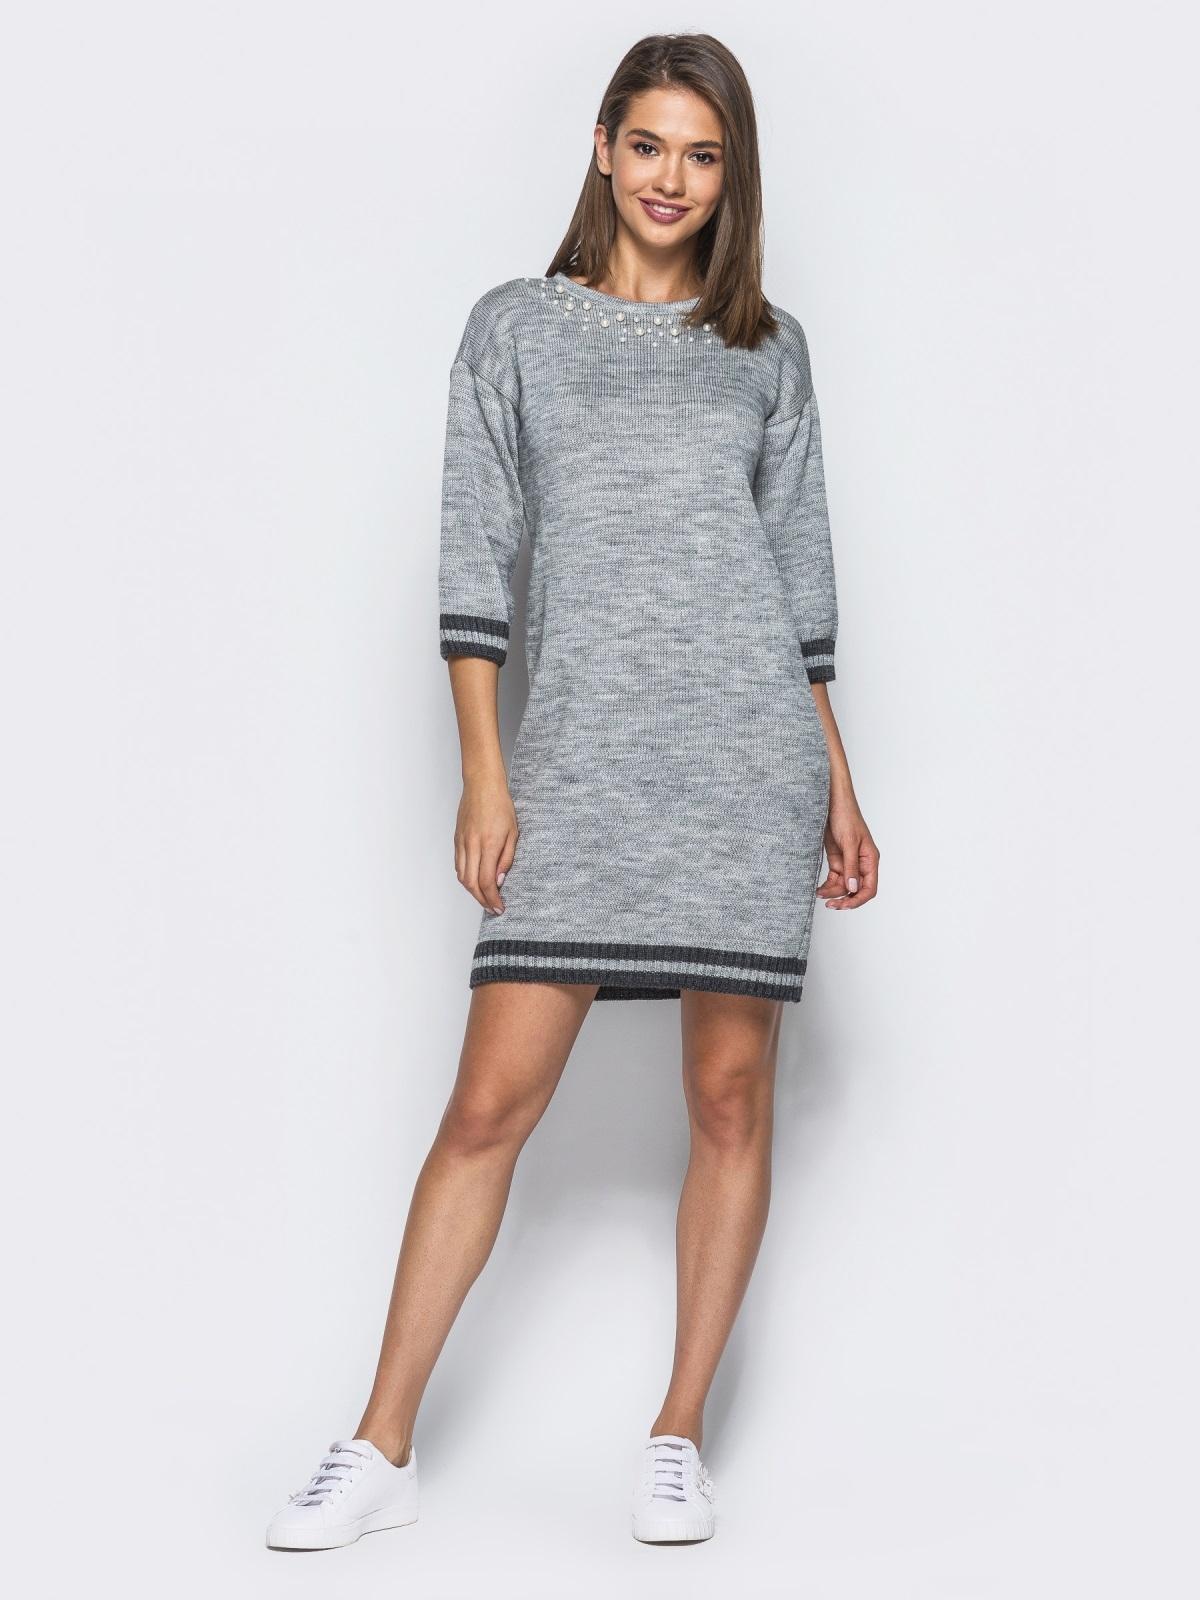 Серое вязаное платье с жемчугом и контрастными полосами - 15937, фото 1 – интернет-магазин Dressa